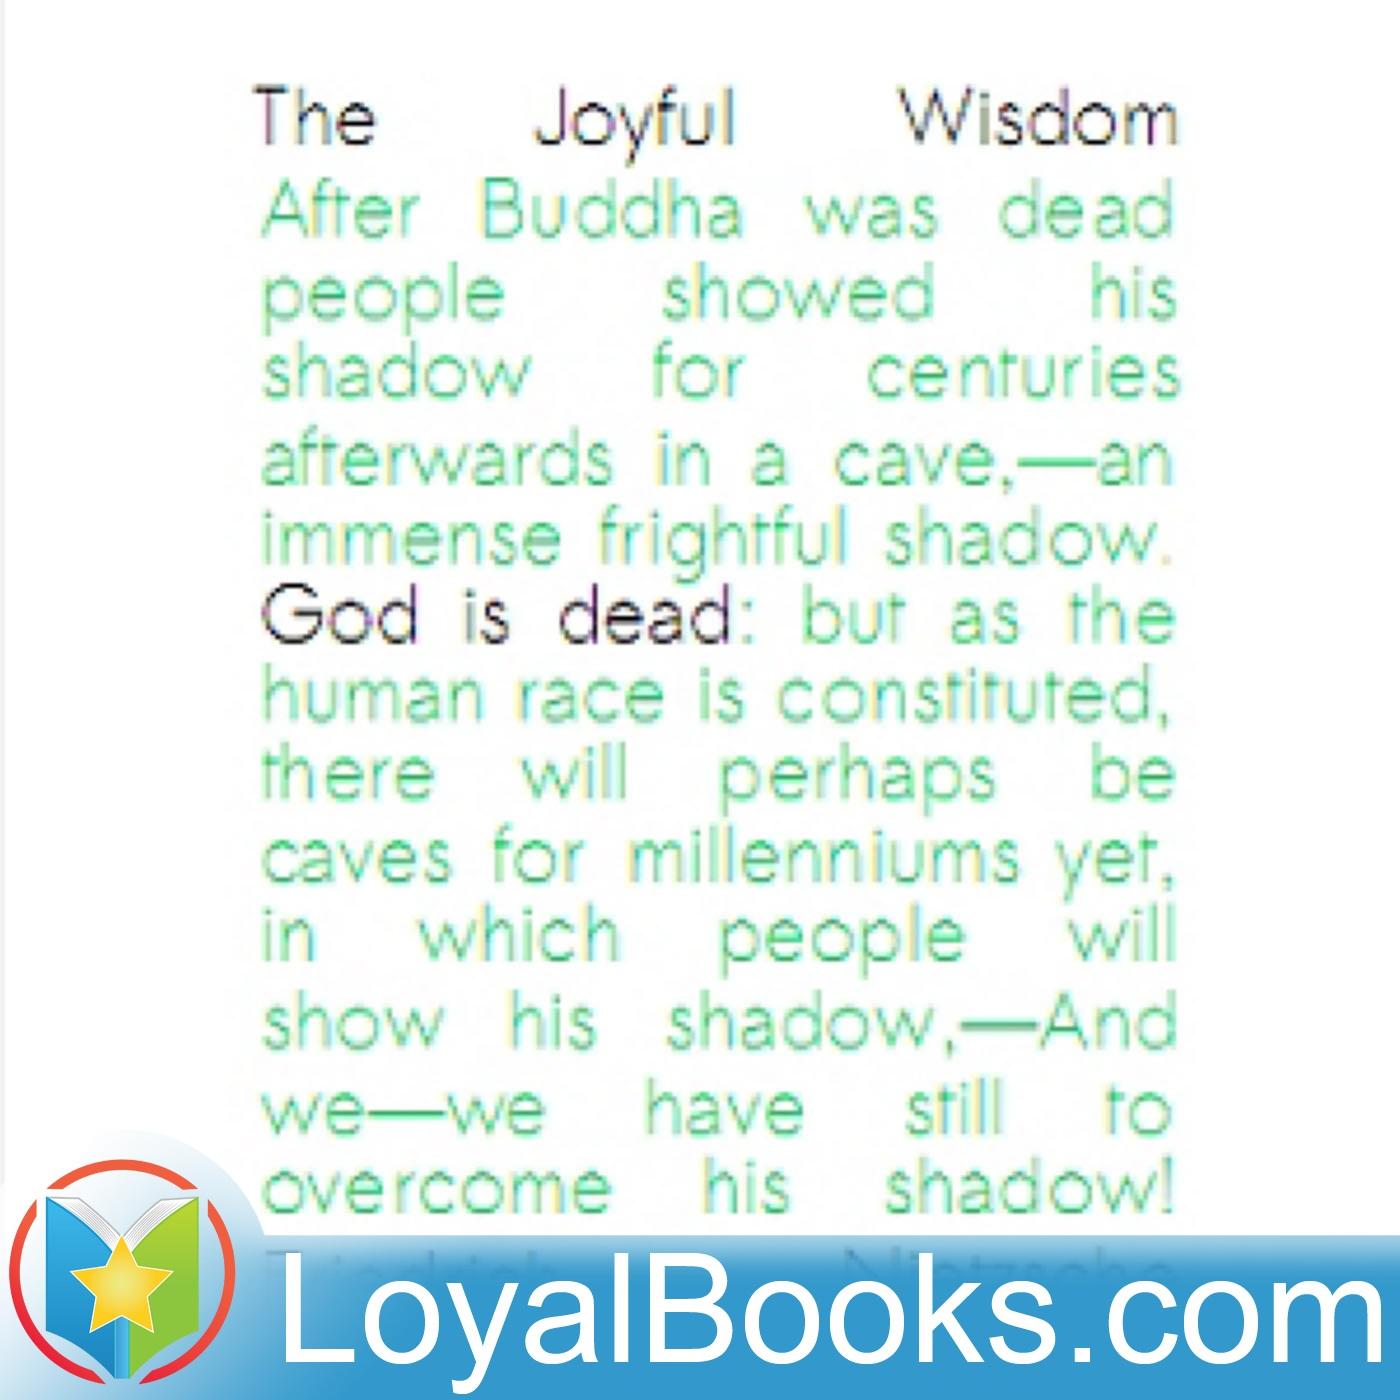 <![CDATA[The Joyful Wisdom by Friedrich Nietzsche]]>